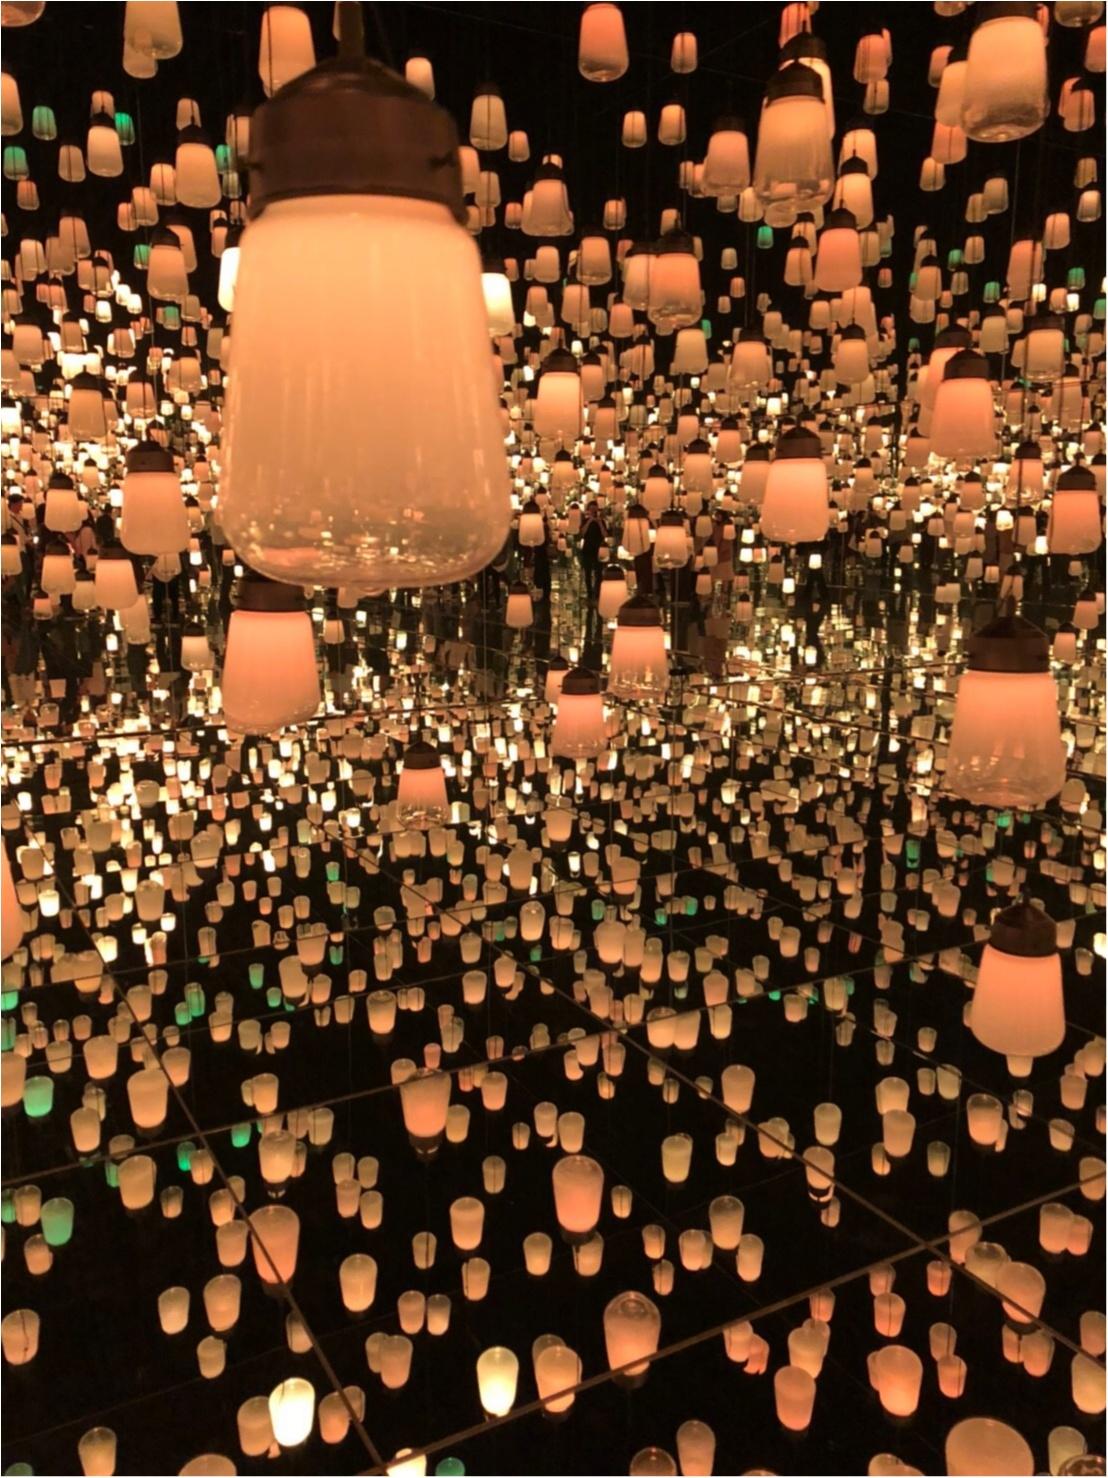 【チームラボ】お台場で開催中『ボーダレス』ランプの森が幻想的すぎる!_7